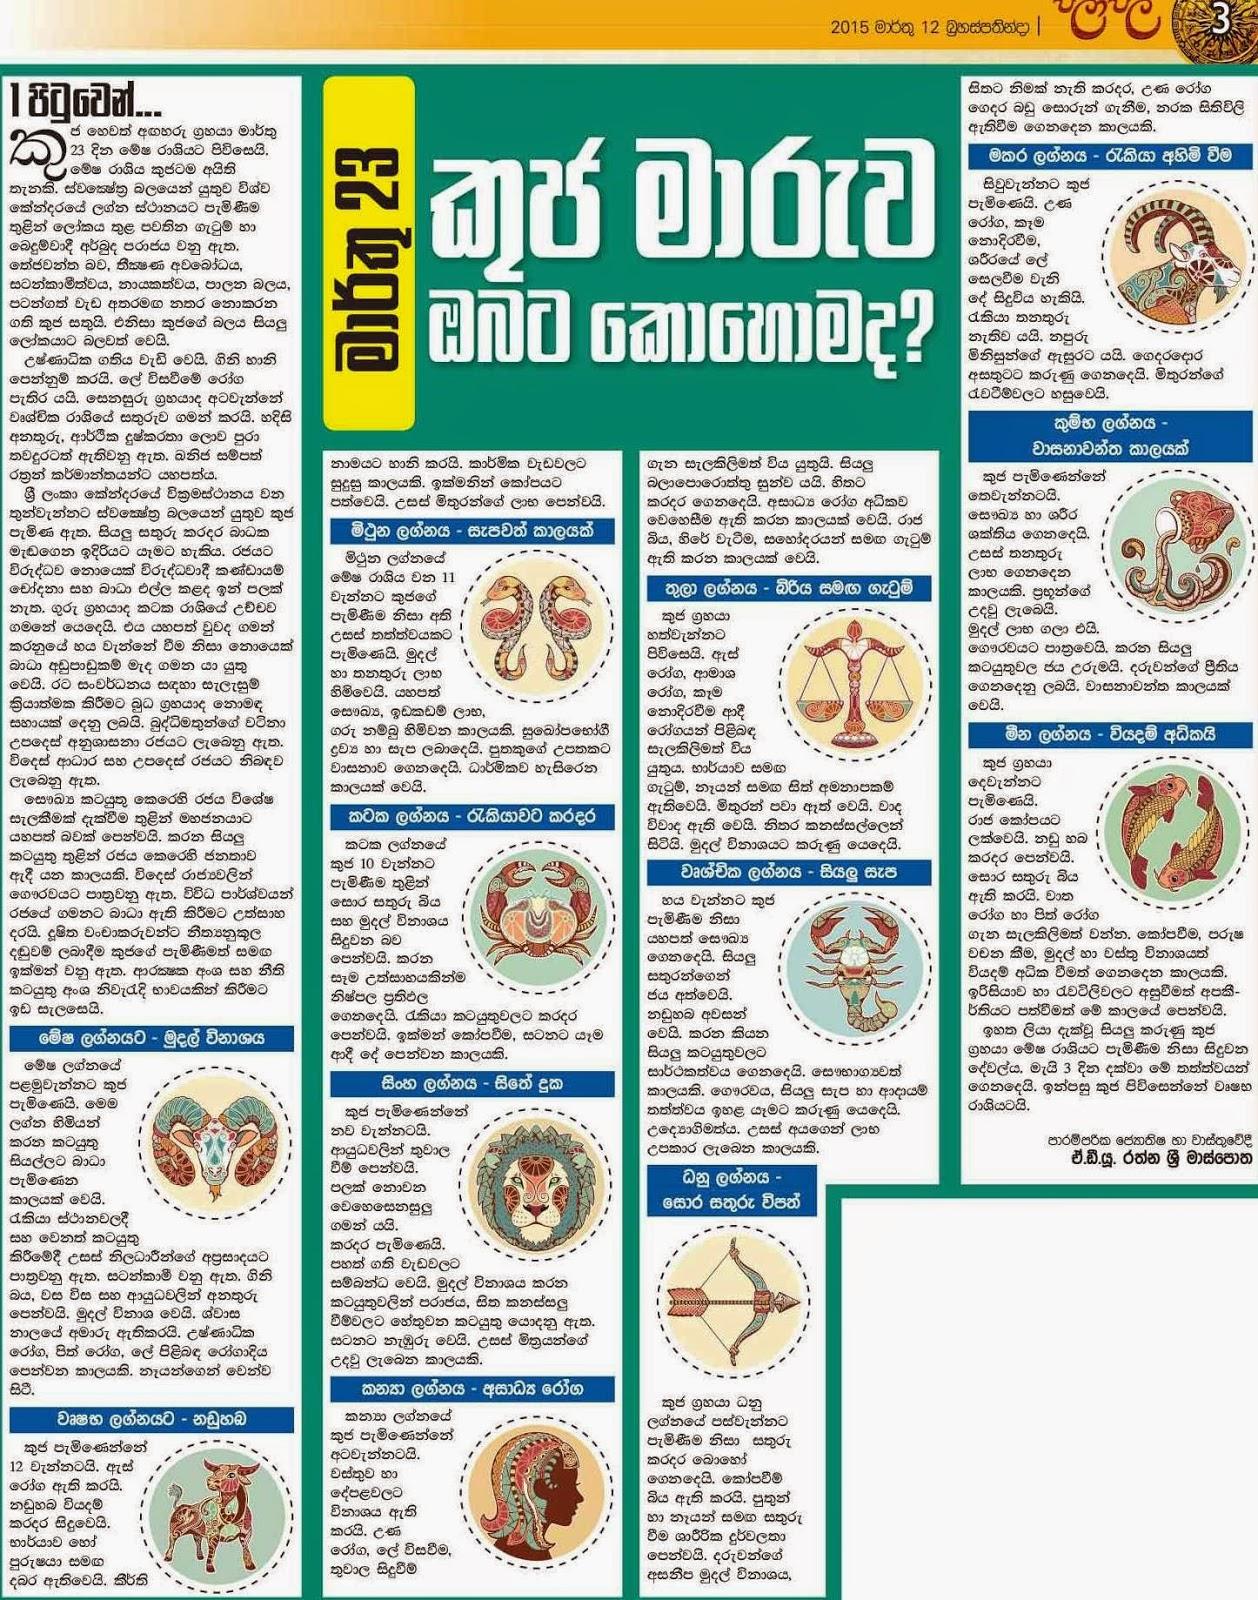 කුජ මාරුව ඔබේ ලග්නයට? Horoscope predictions for Kuja